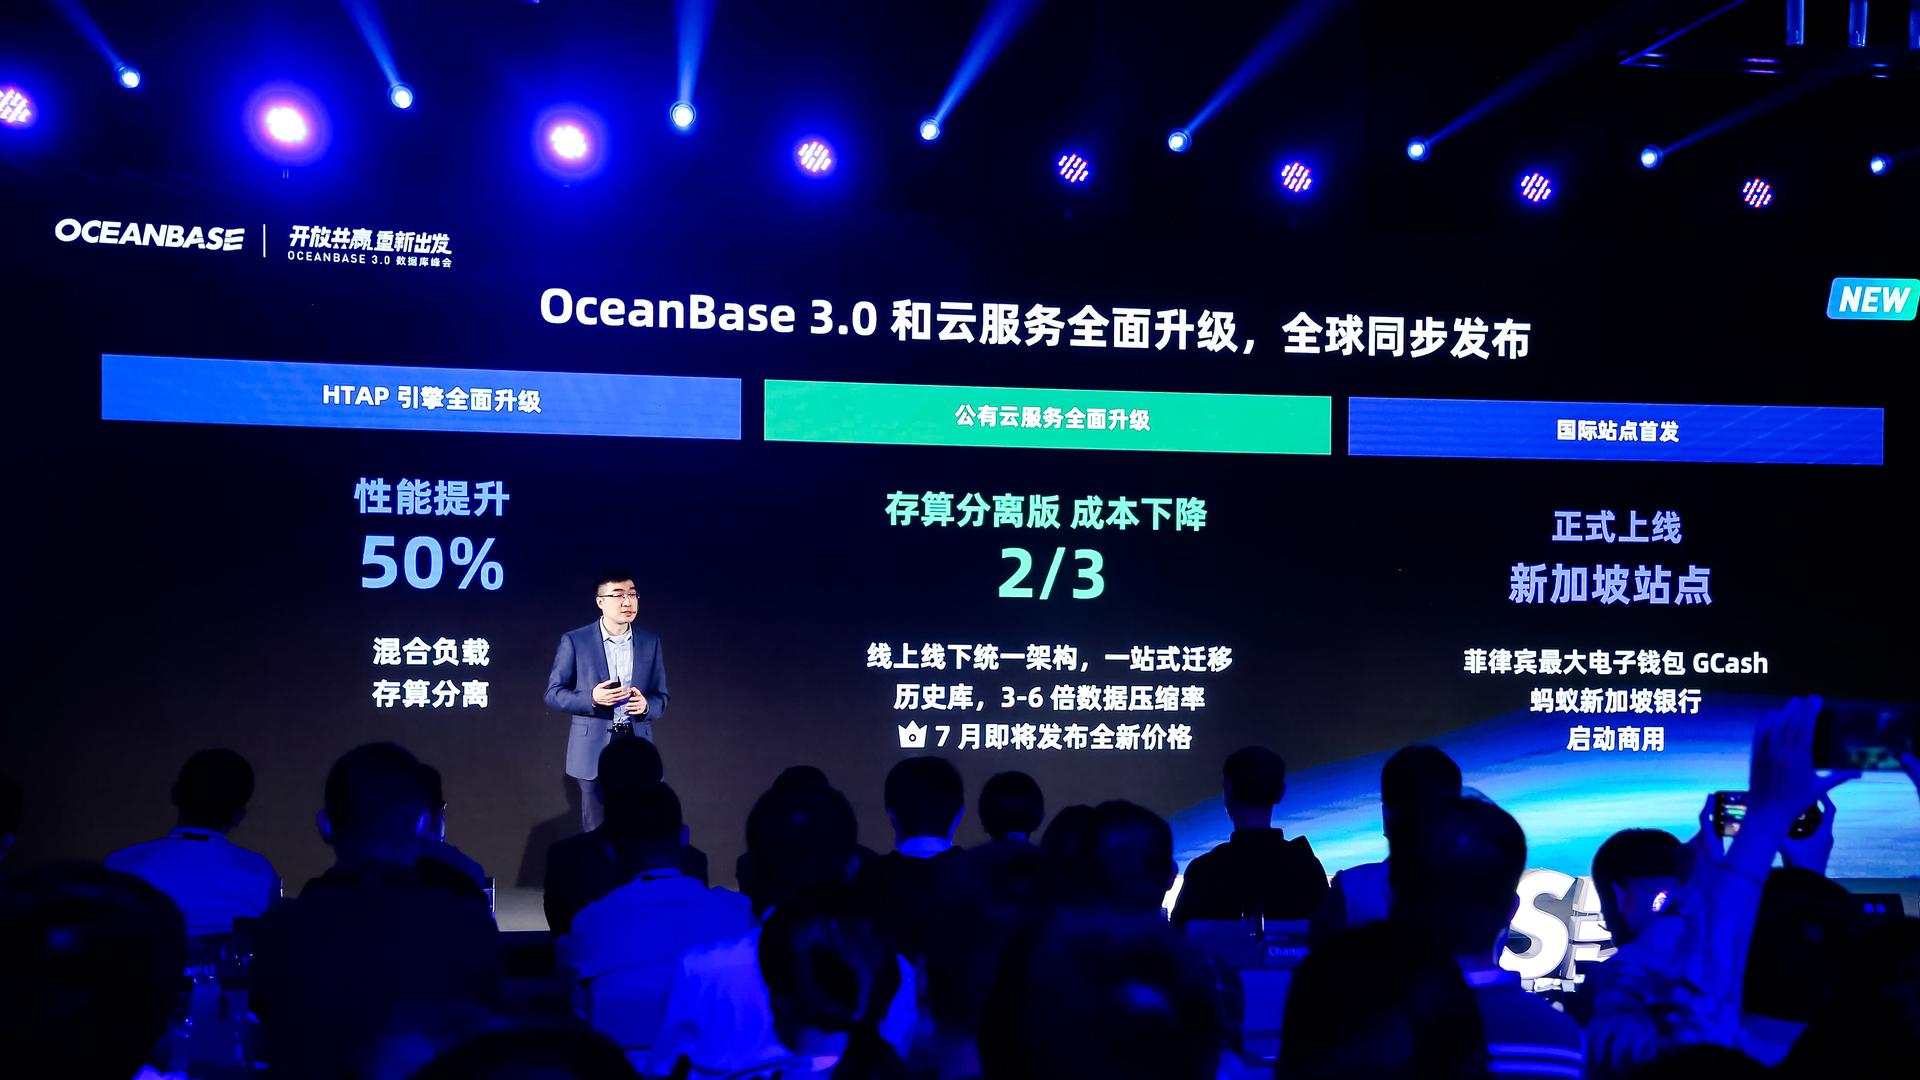 蚂蚁自研分布式数据库OceanBase 3.0正式发布.jpeg